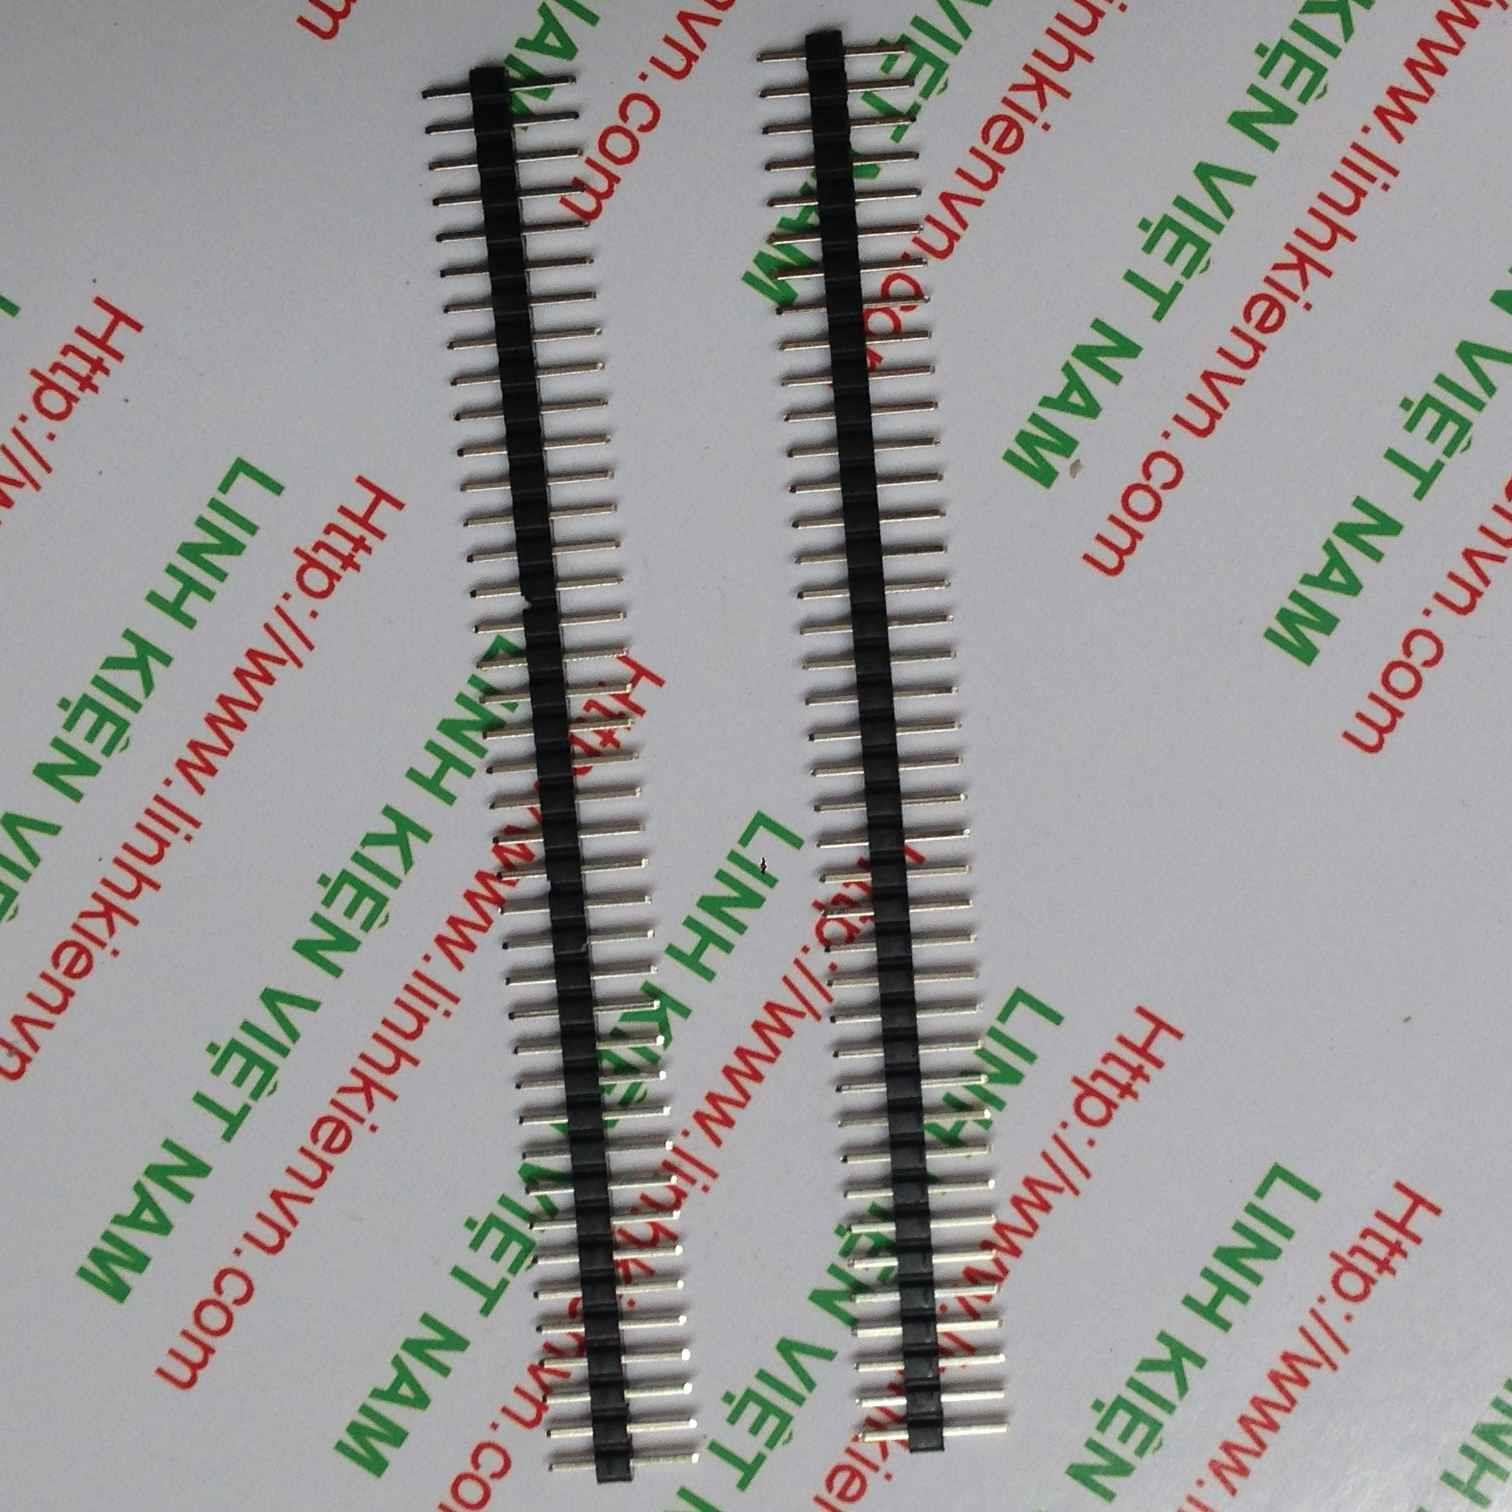 Jum đực thẳng đơn 1x40p 2.0mm / Jump đực thẳng 2.0mm đơn - D2H11